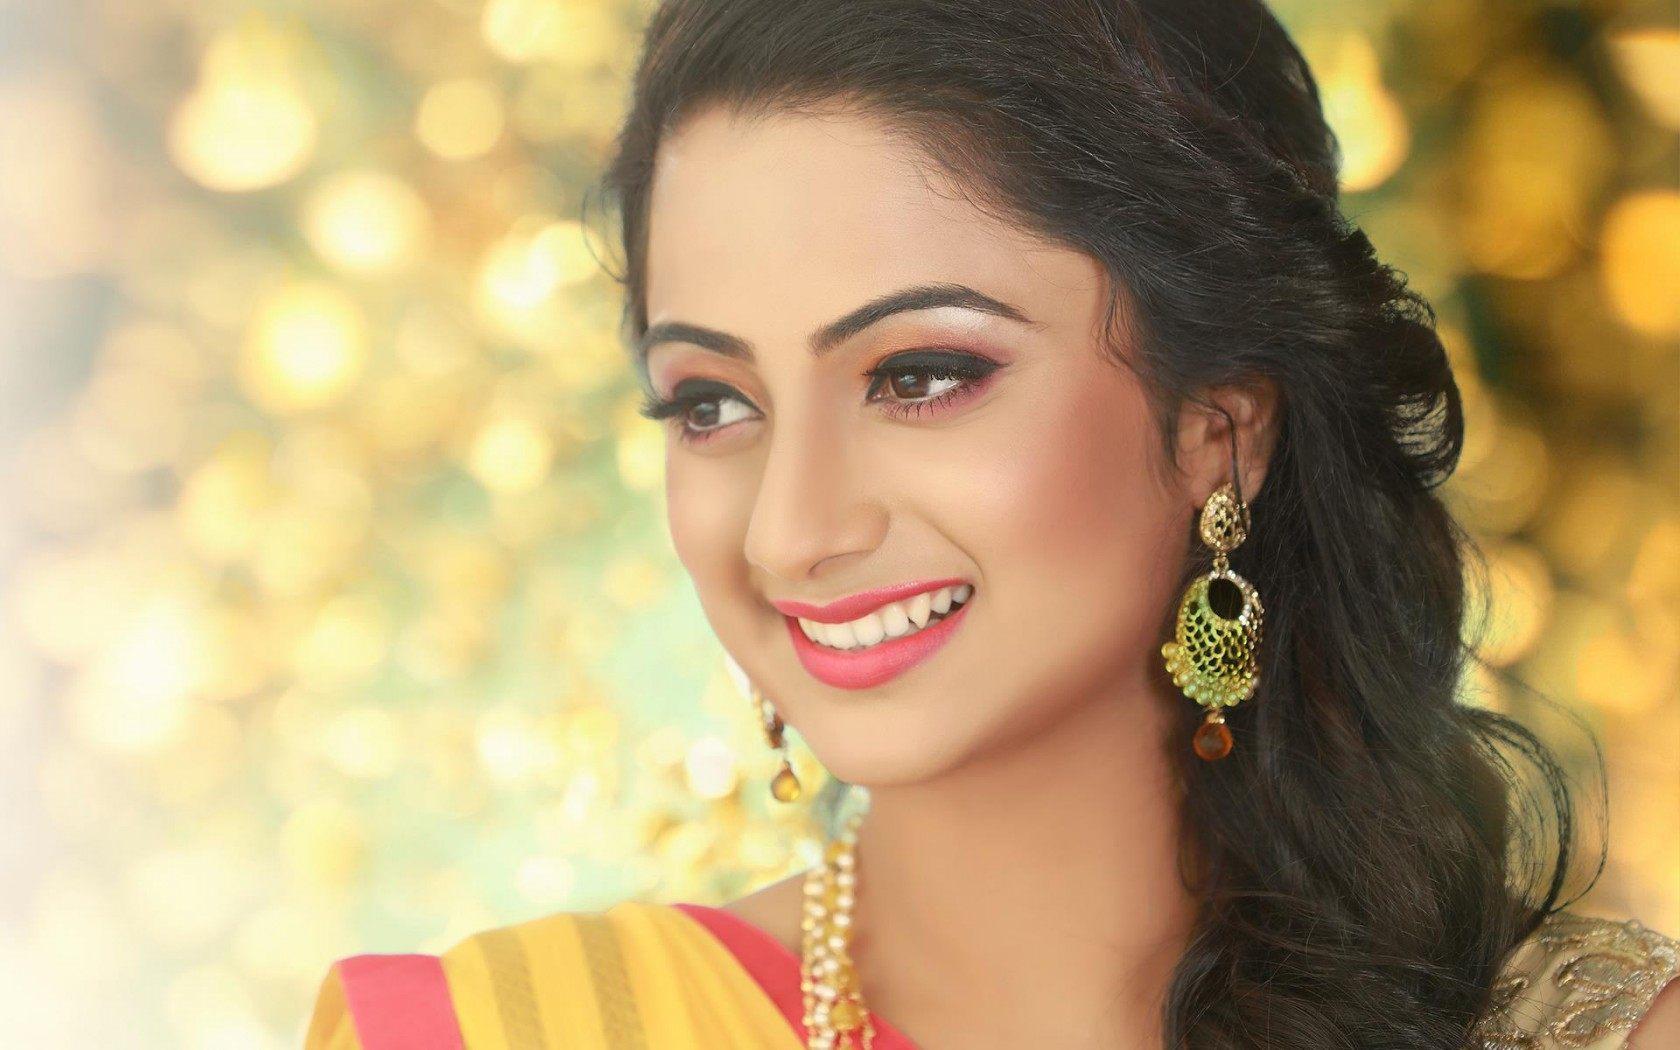 Namitha pramod hd indian celebrities 4k wallpapers - Indian ladies wallpaper ...